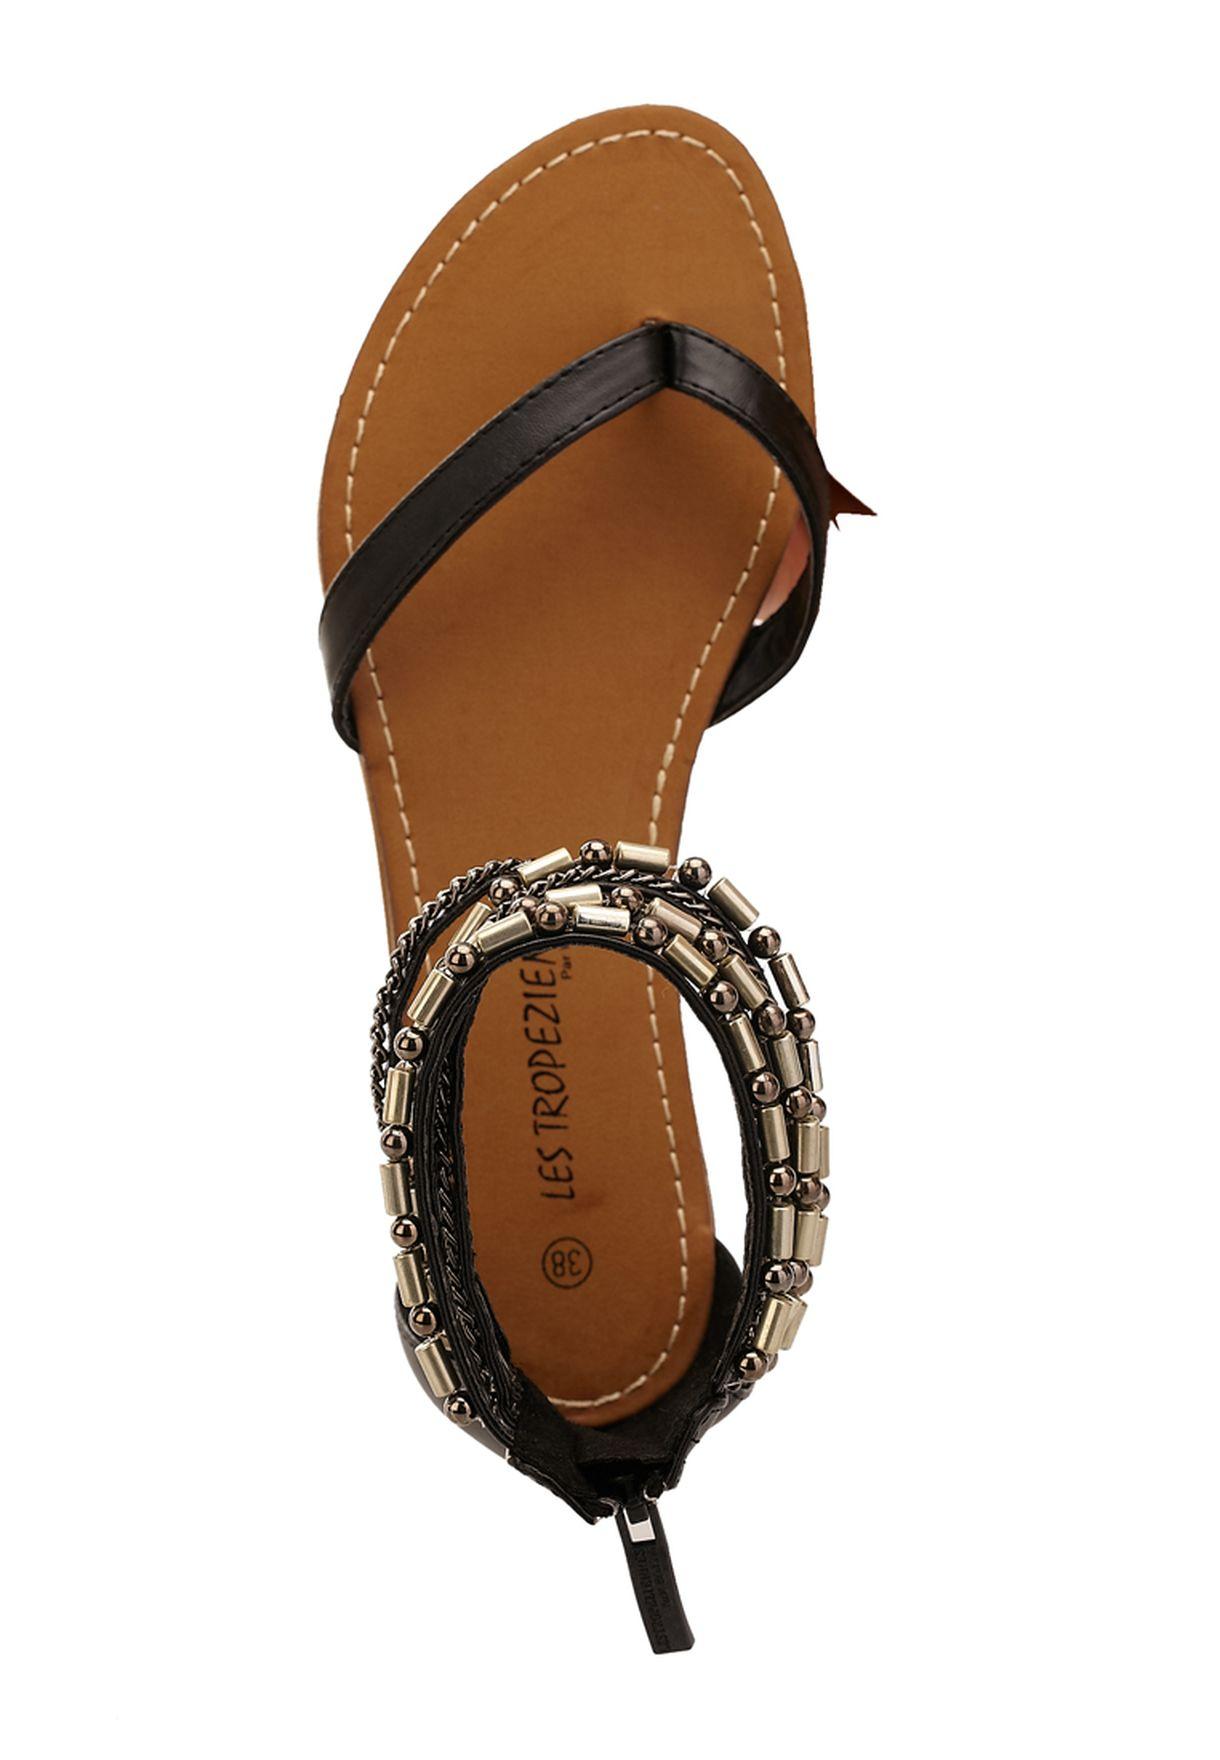 61e64c4d7 Shop Les Tropeziennes black Genial Flat Sandals for Women in ...